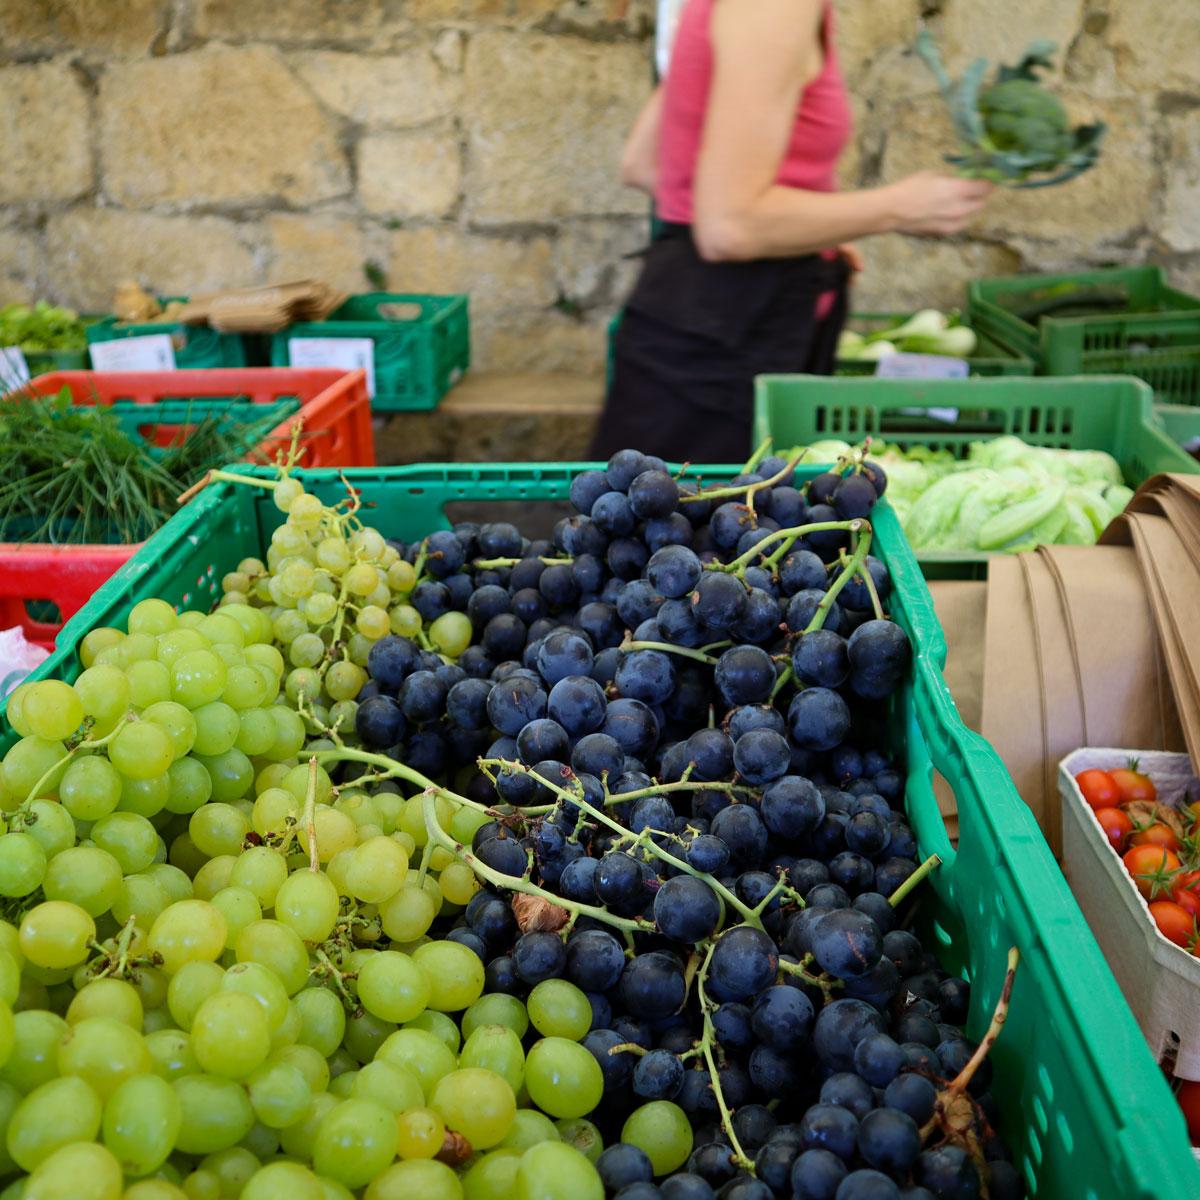 Hartberg Bauernmarkt